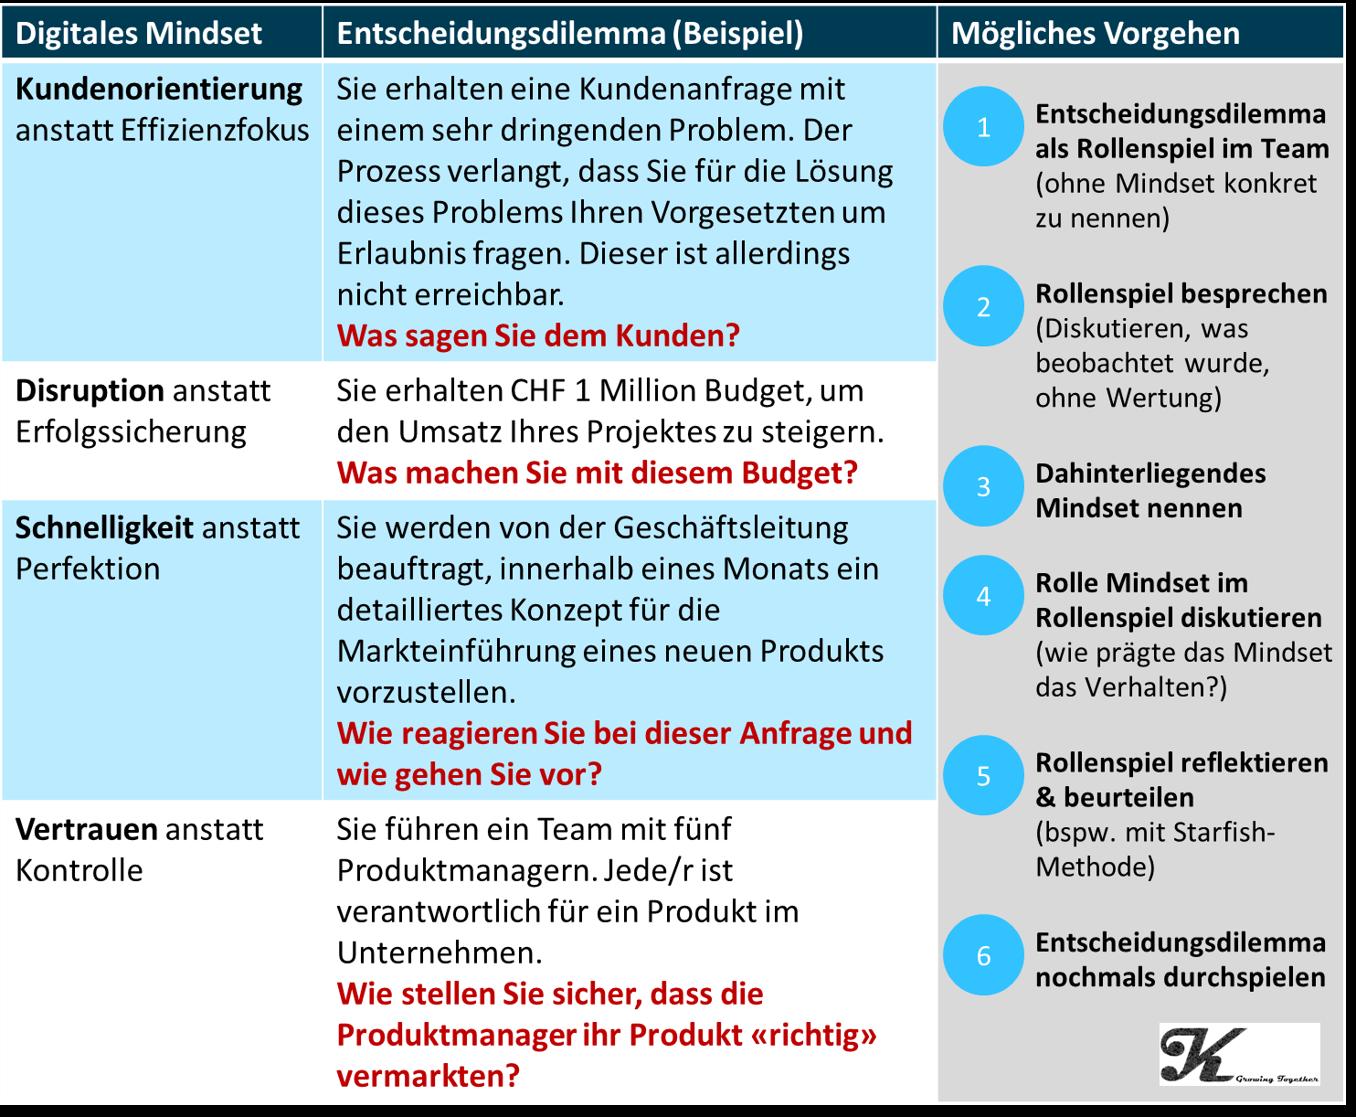 Entscheidungsdilemma_DE.png